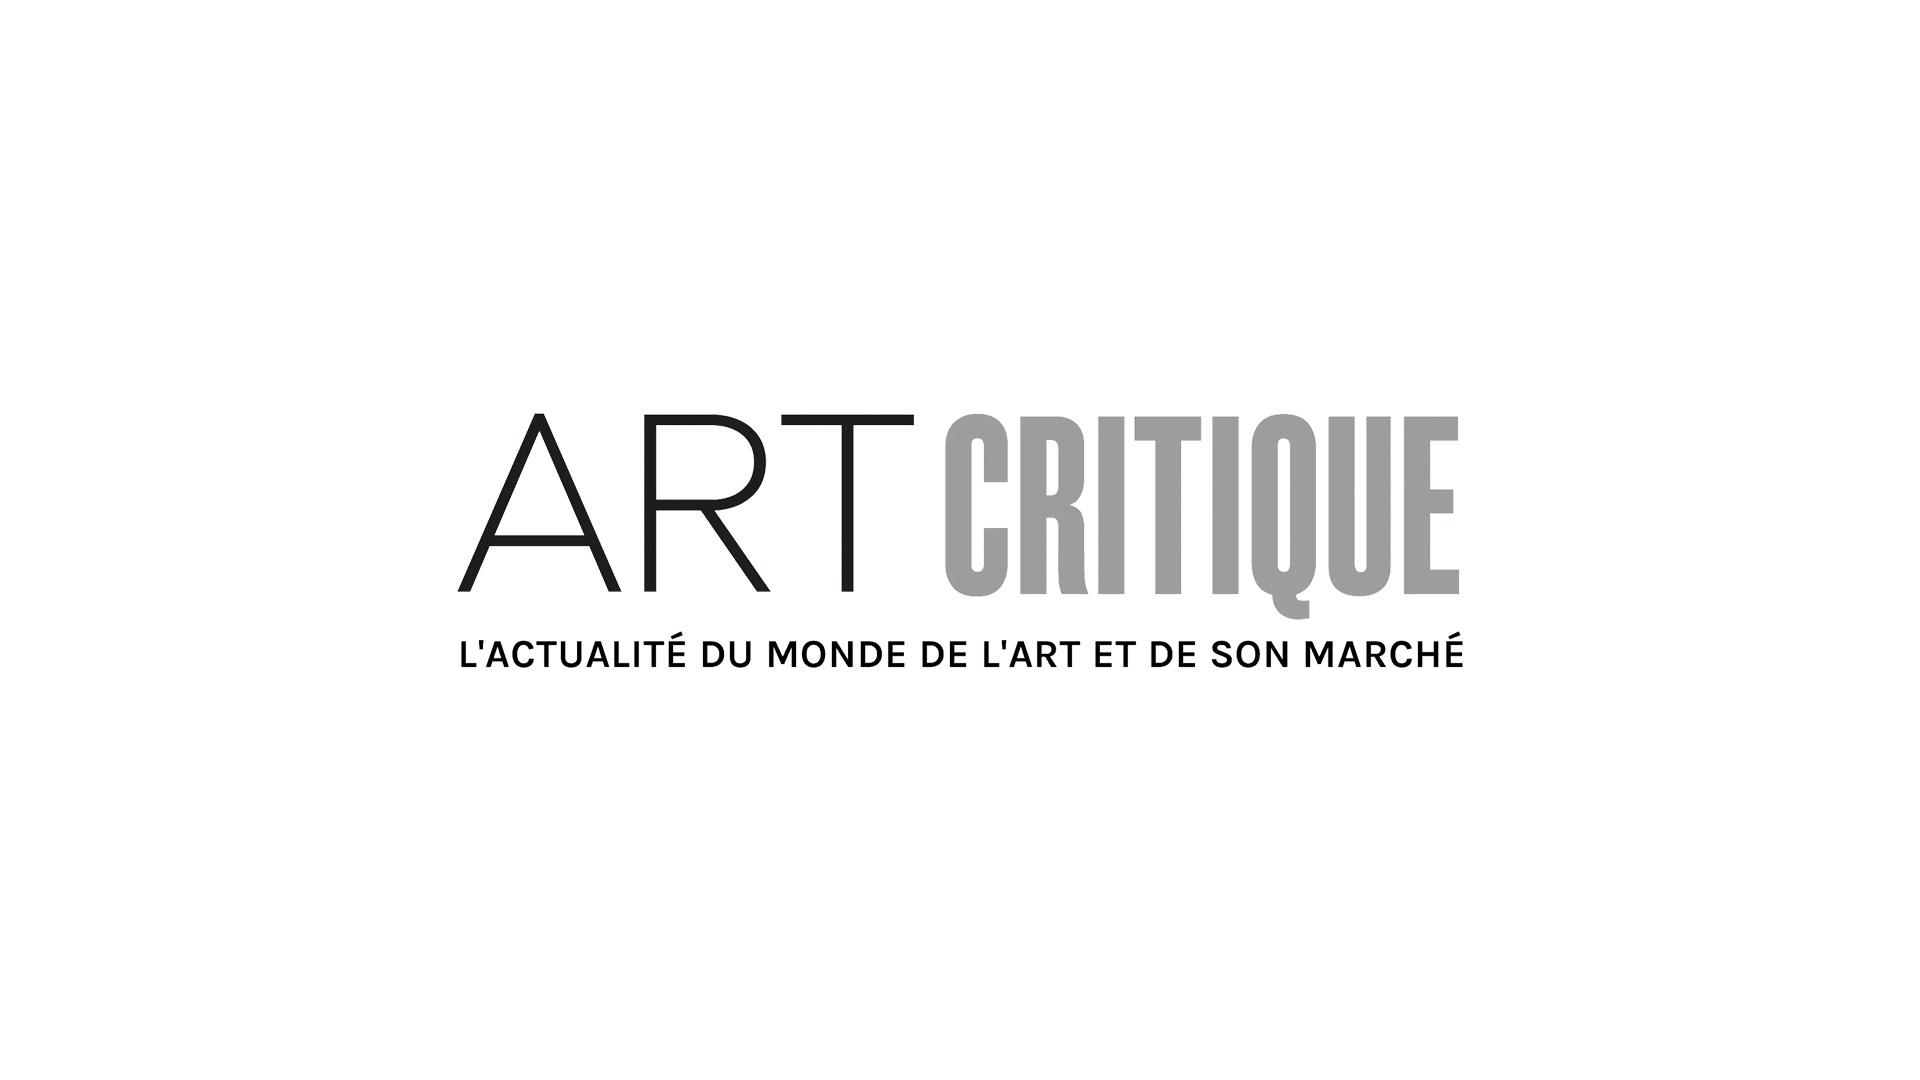 Frieze Sculpture hits Regent's Park once again